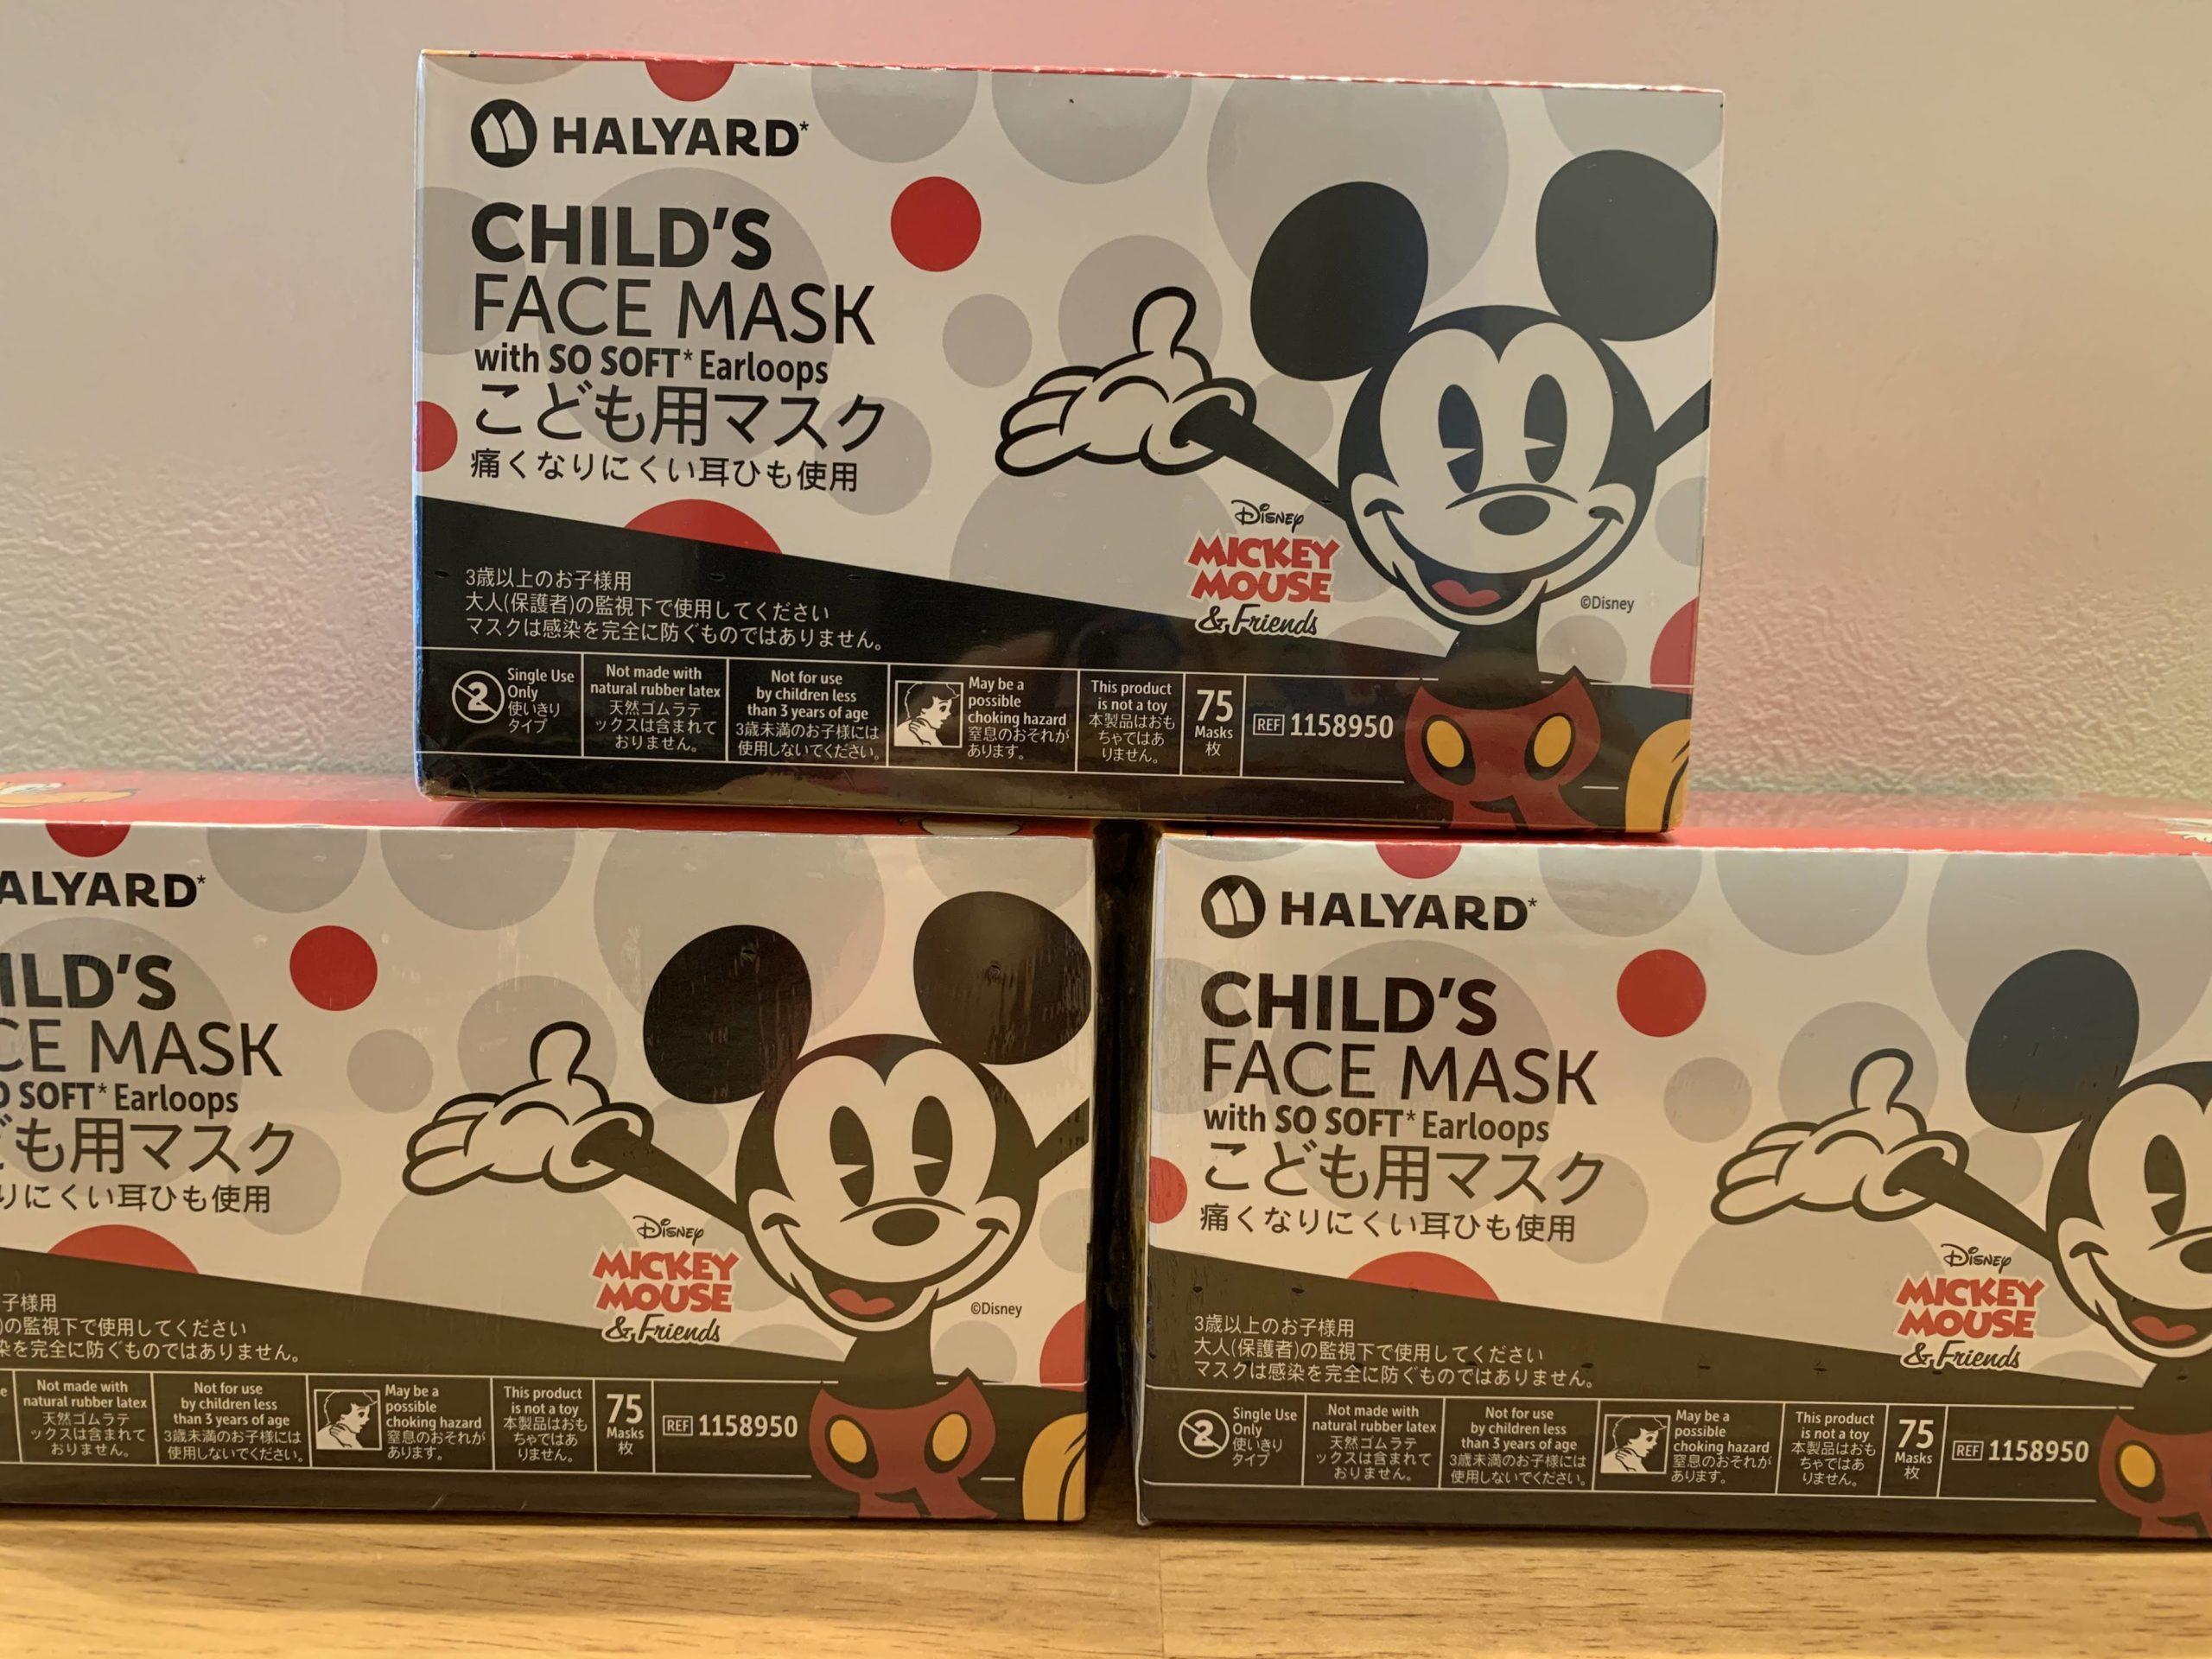 コストコのディズニーマスクが大量入荷?子供マスクのおすすめは?